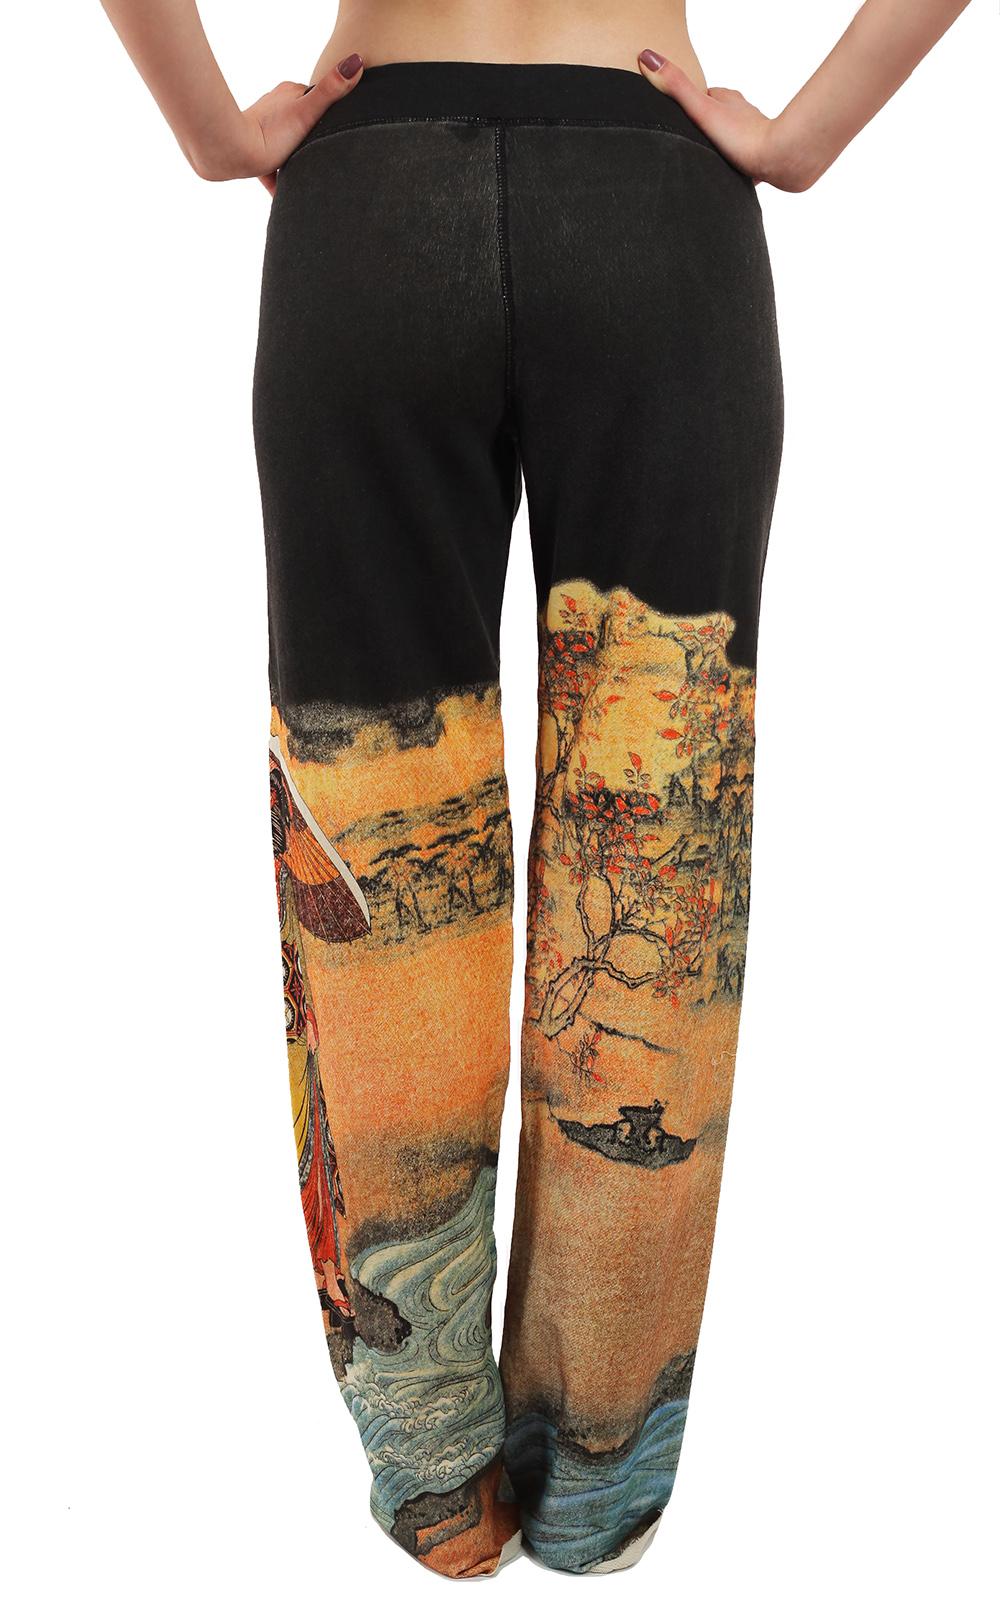 Женские свободные штаны от бренда Paparazzi. Твой стиль СПОР ШИК из натуральных волокон